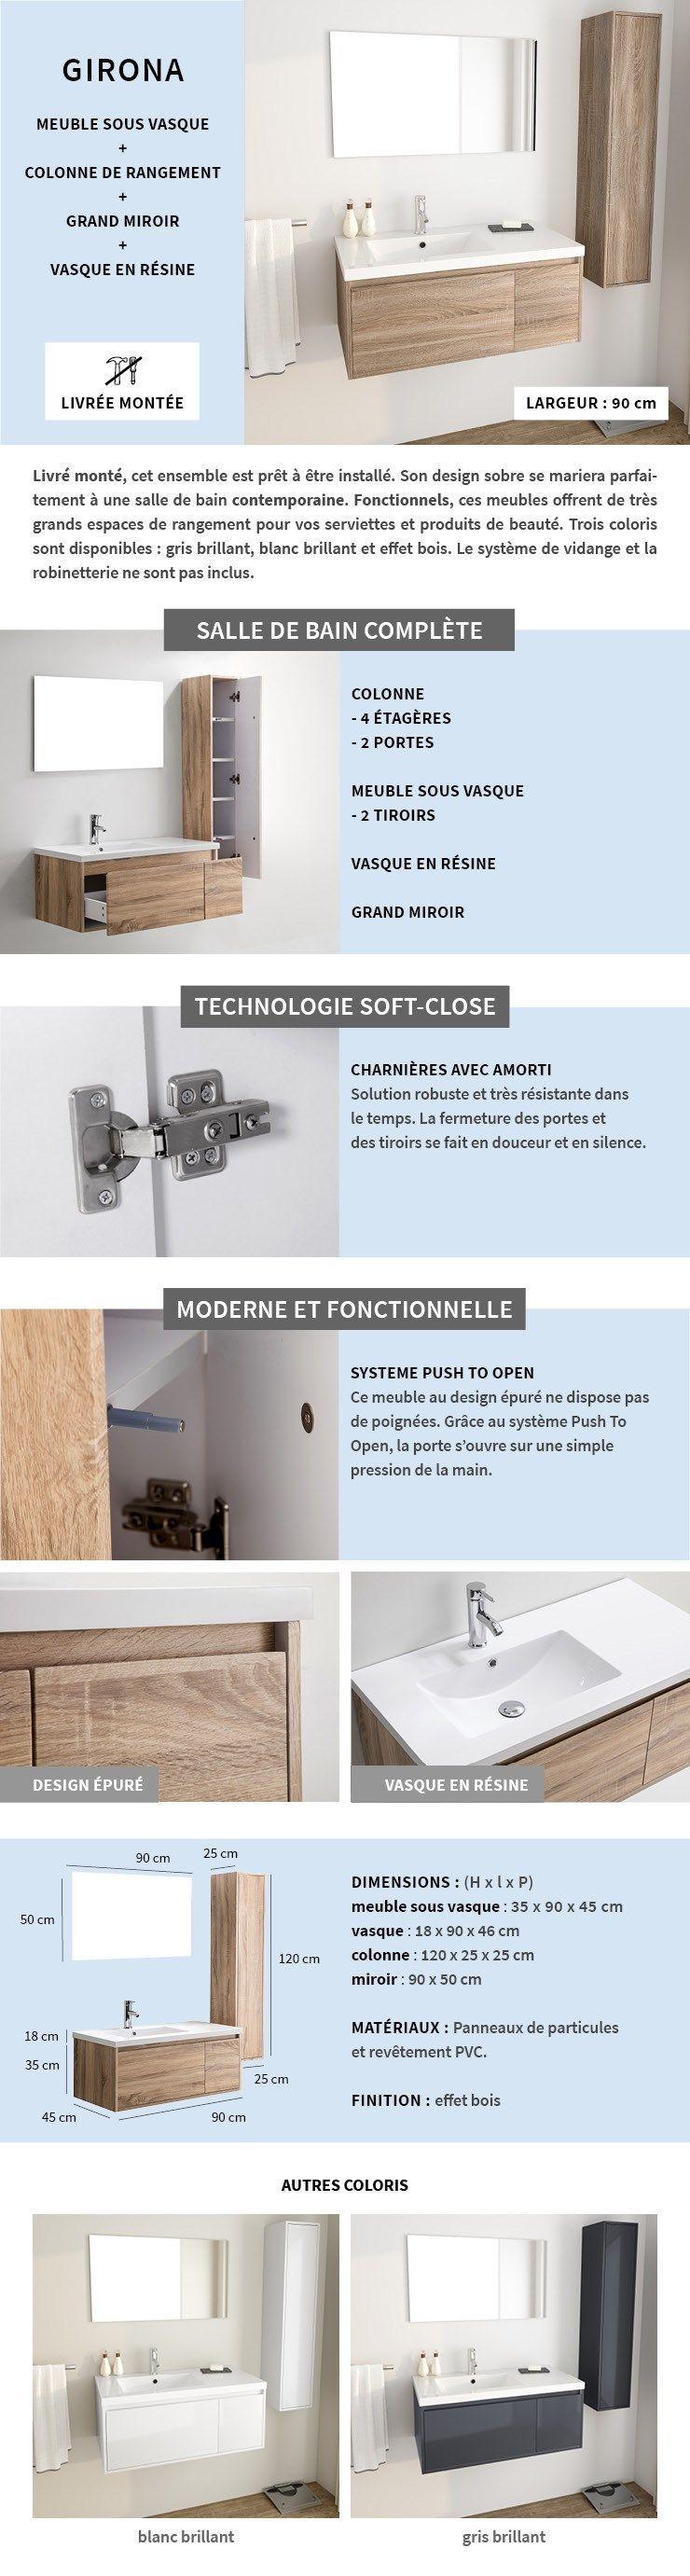 Meuble Salle De Bain Girona girona salle de bain complète simple vasque l 90 cm - décor